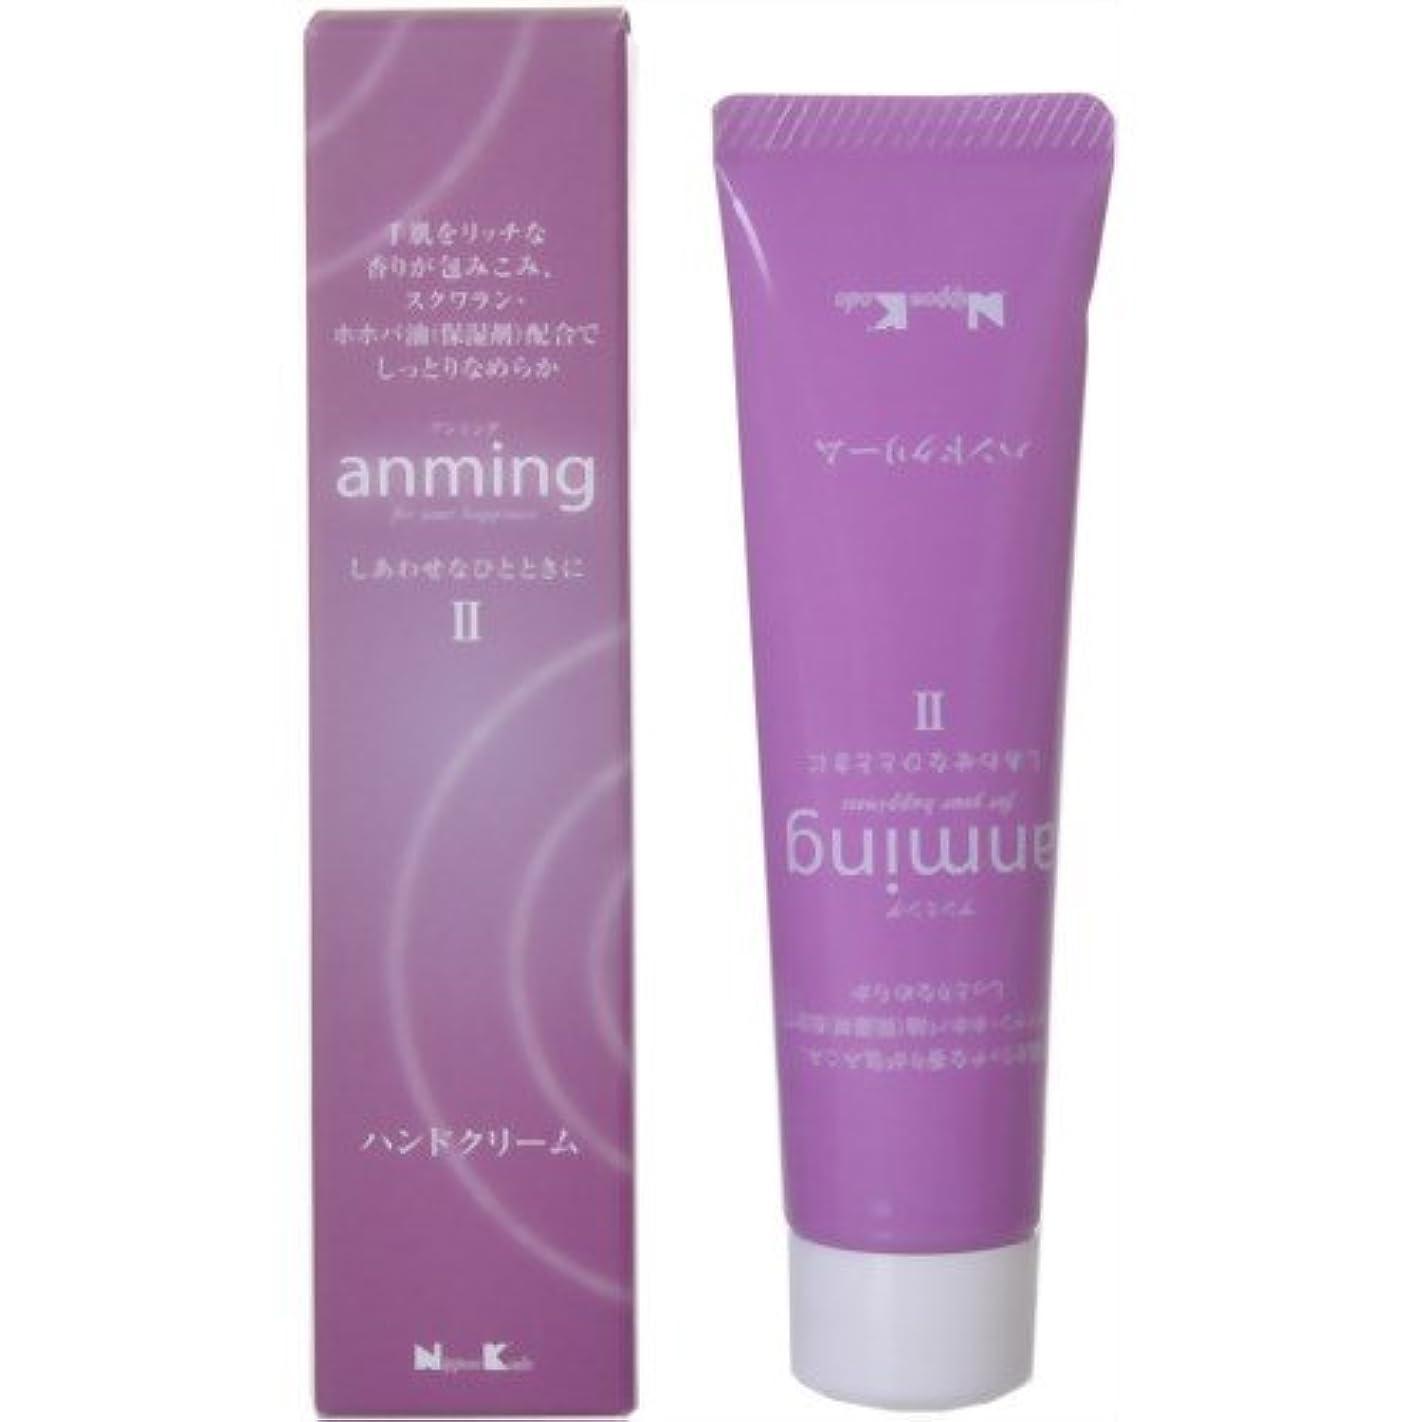 お酢人気の穿孔するanming2(アンミング2) ハンドクリーム32g入